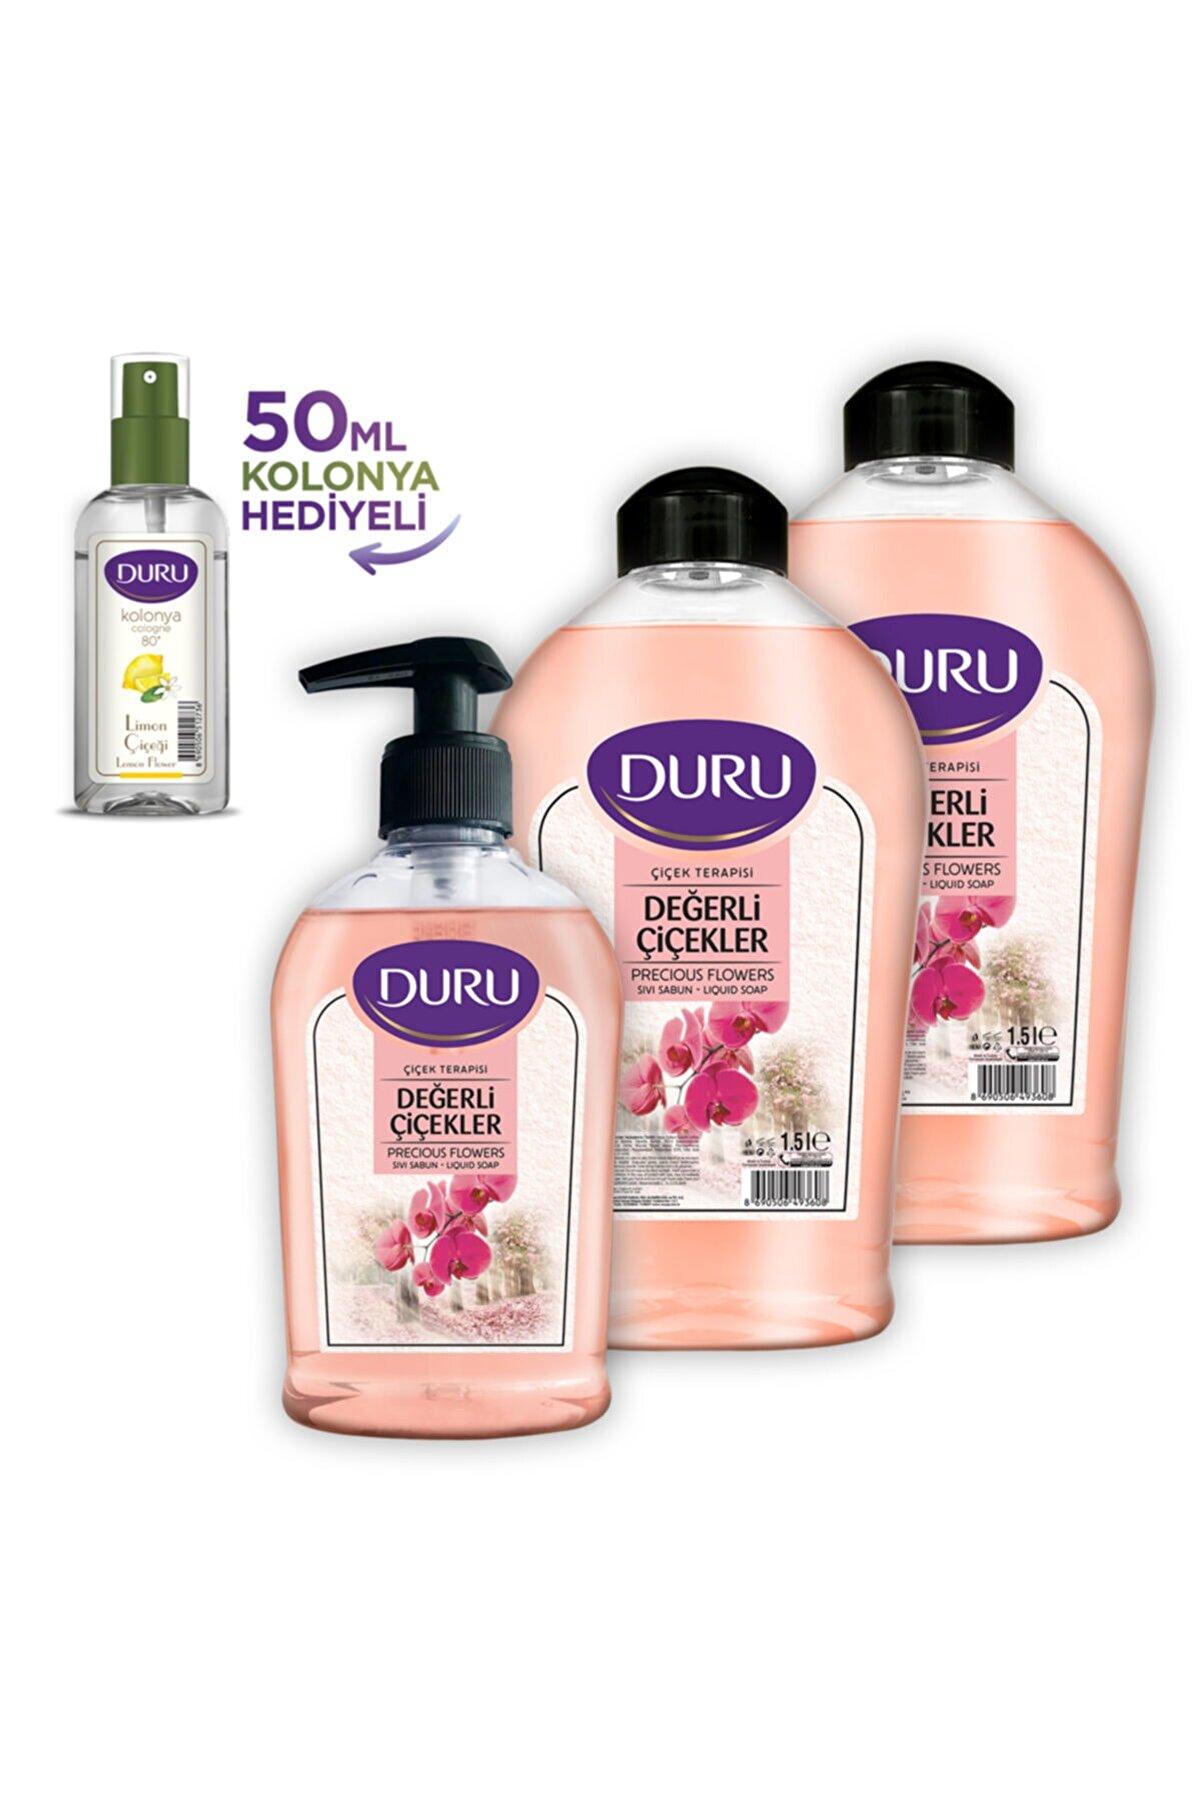 Duru Çiçekler Sıvı Sabun 1,5 1,5 300ml 50 ml Kolonya Hediyeli